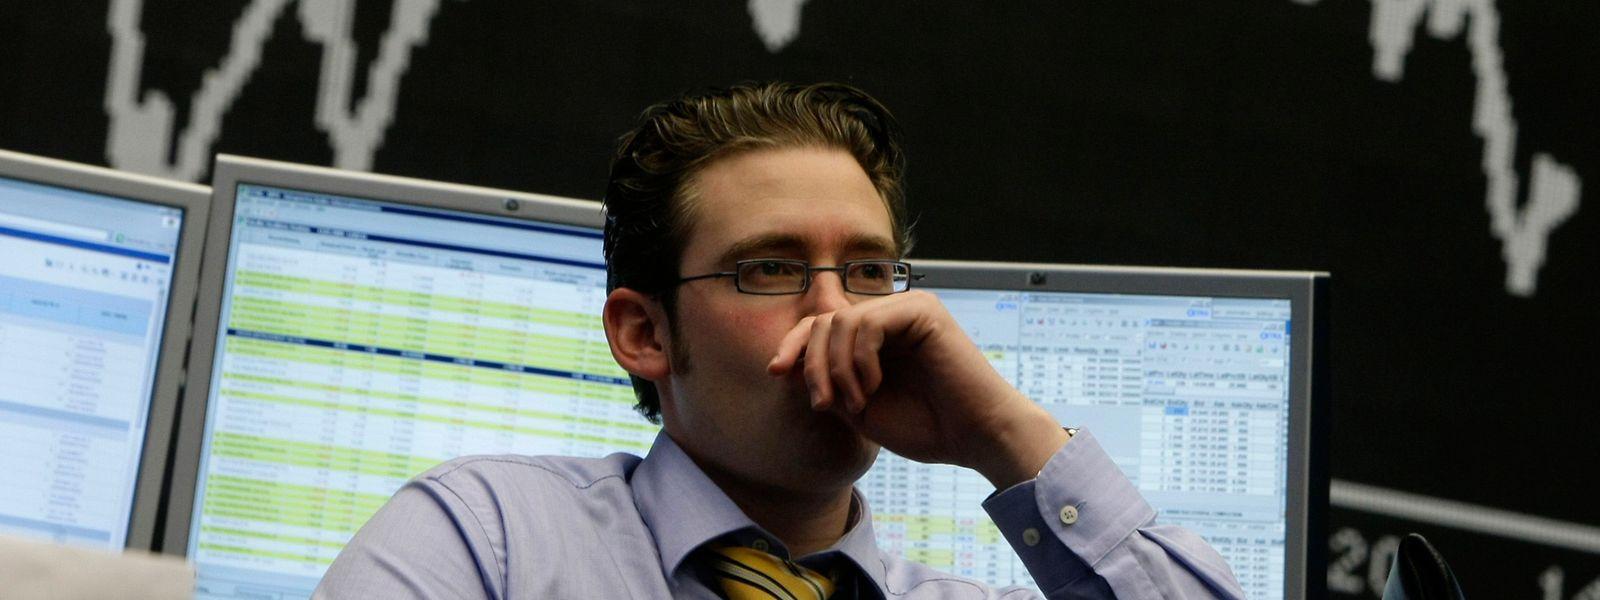 Selon la dernière étude du Statec, les employés du secteur de la finance touchent les salaires les plus élevés au pays.